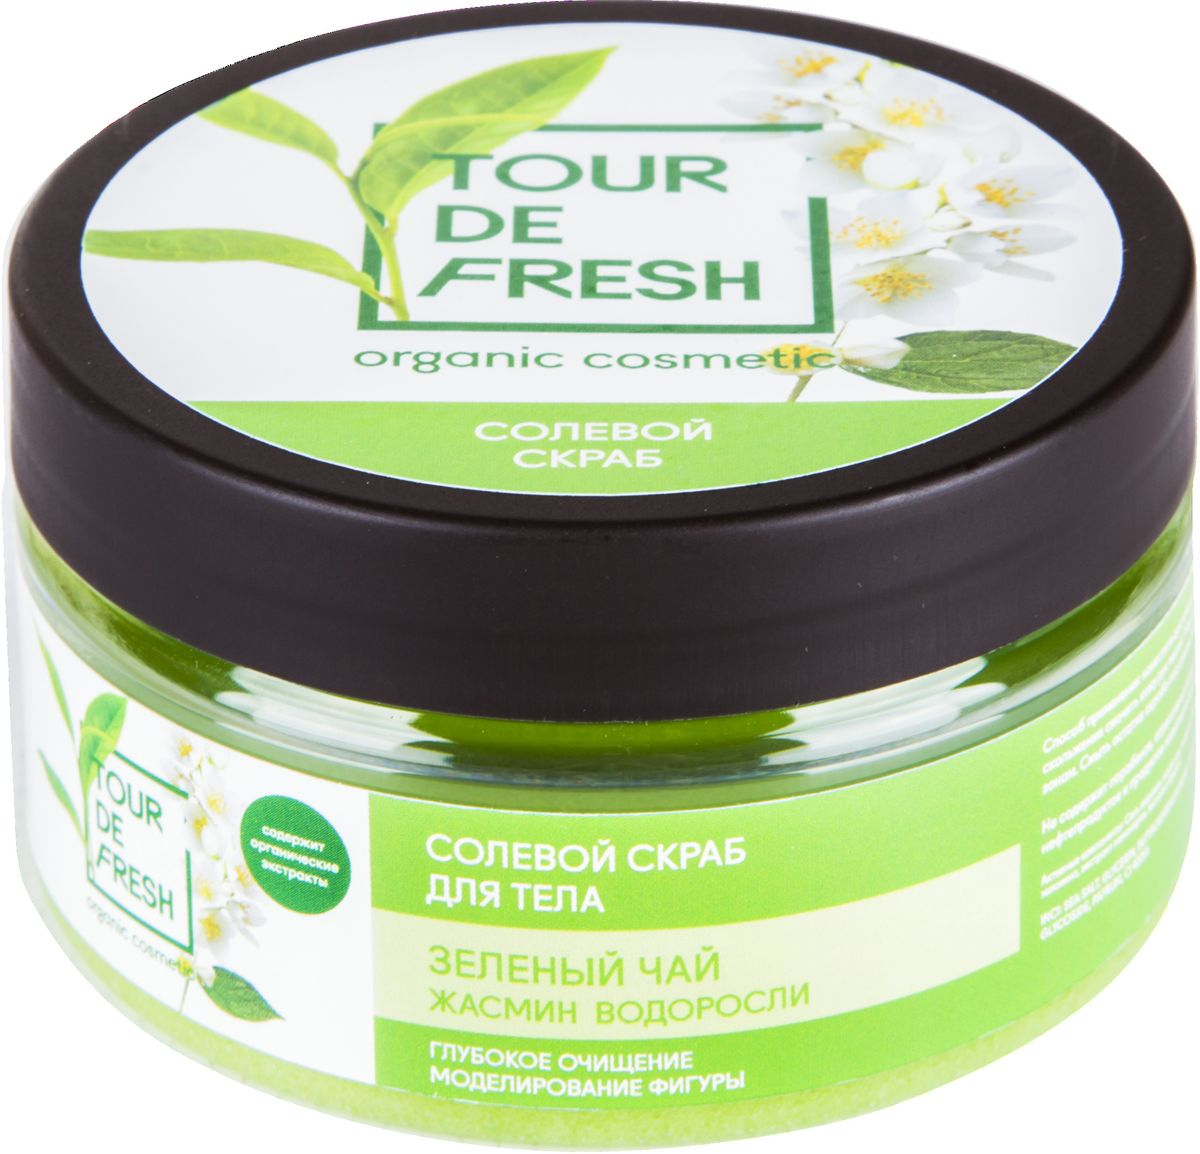 Tour De Fresh Солевой скраб для тела Зеленый чай, жасмин и водоросли, 200 мл - Косметика по уходу за кожей